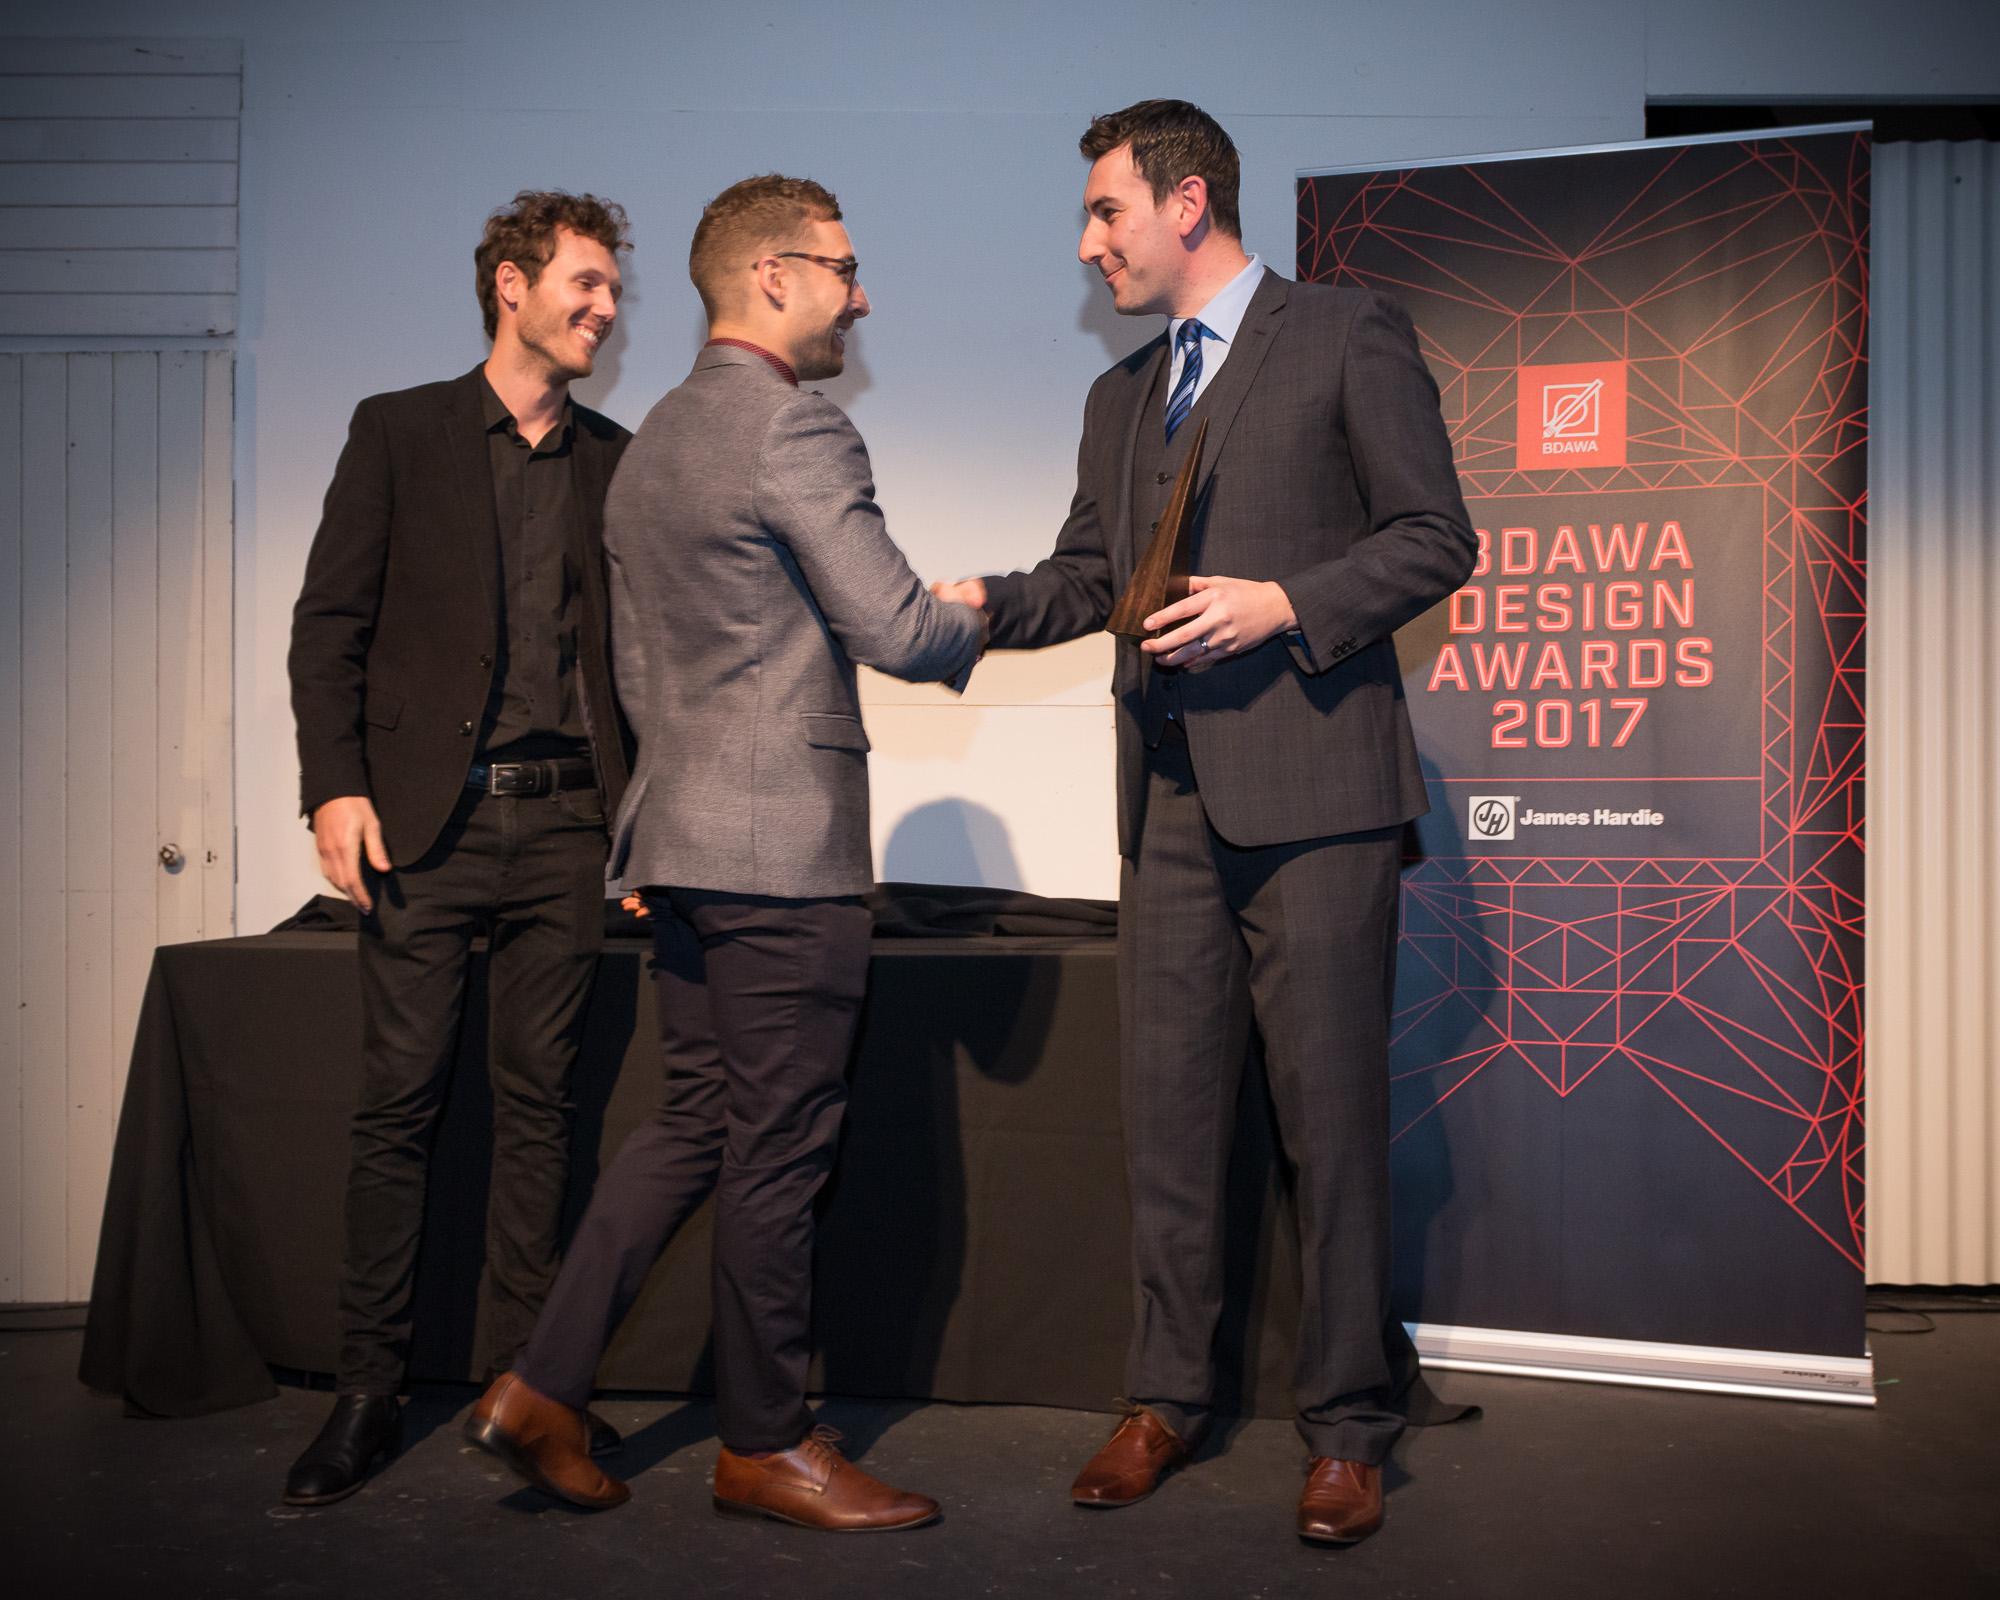 0213 BDA WA Awards 2017 _JHG7536.jpg